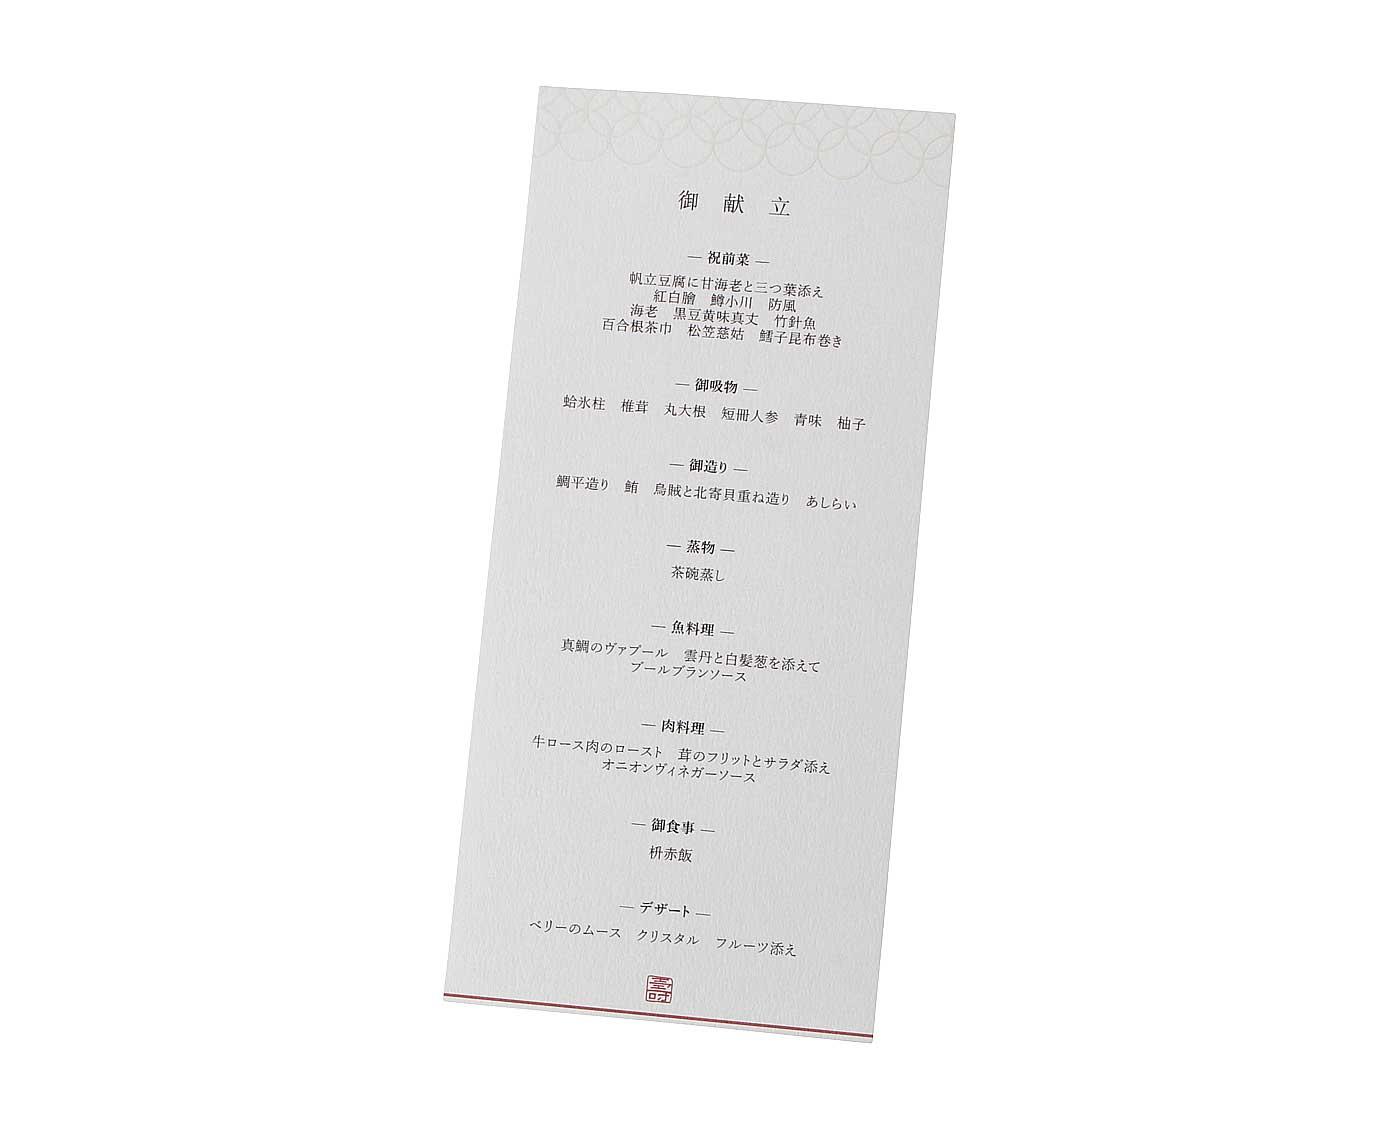 【サンプル】メニュー表 優婉画像